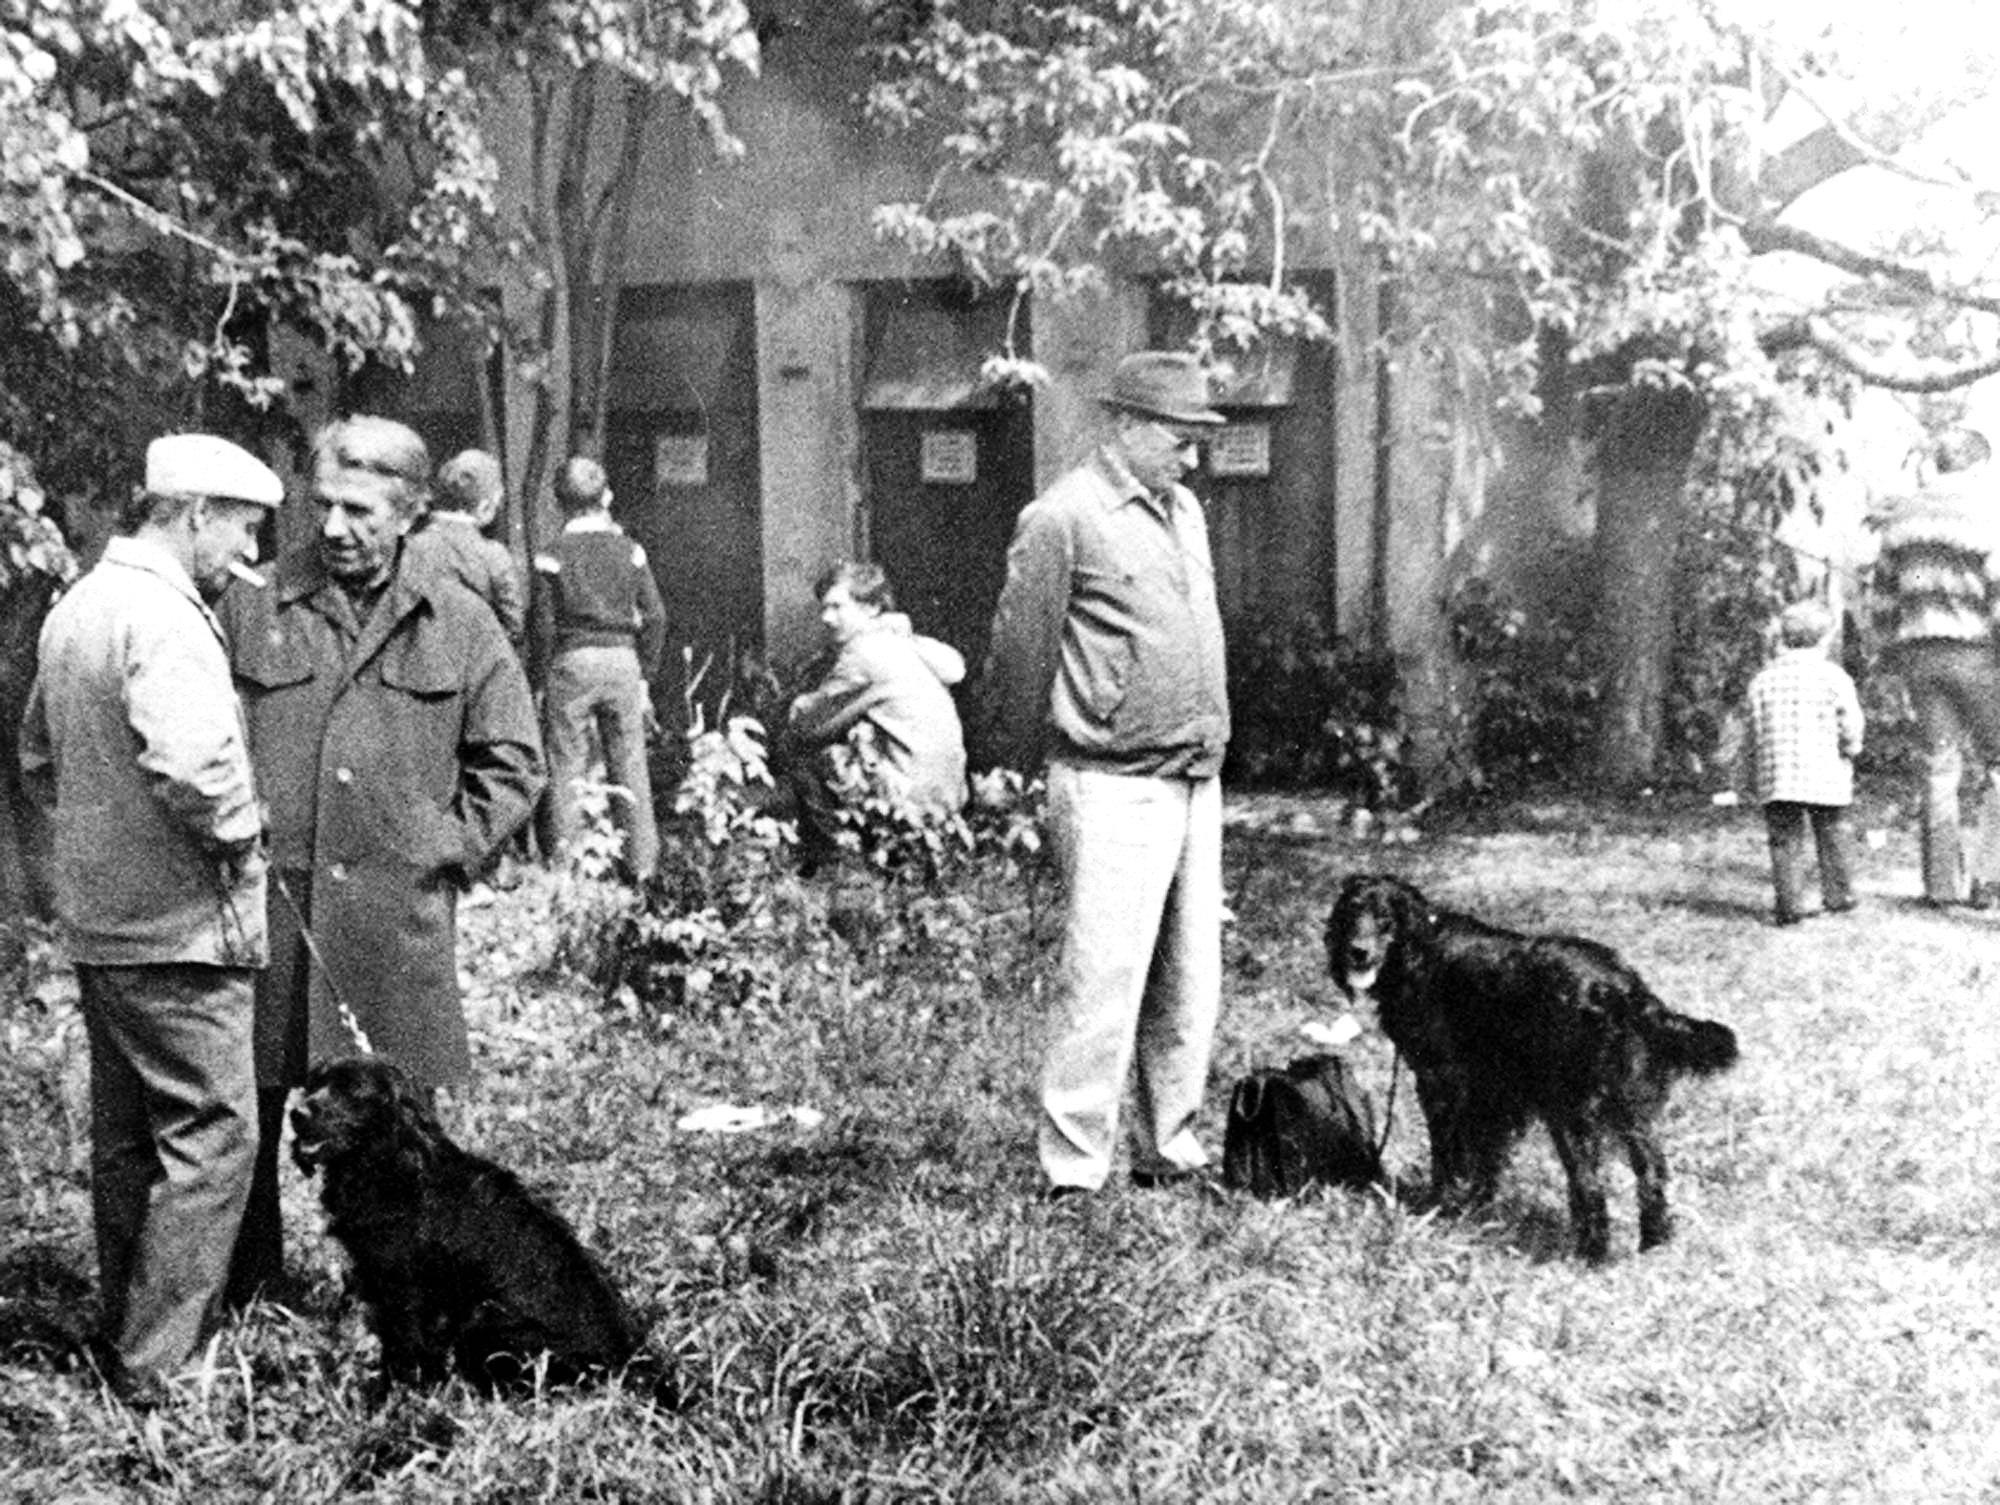 1981.06.07. Выставка охотн. собак в Ногинске